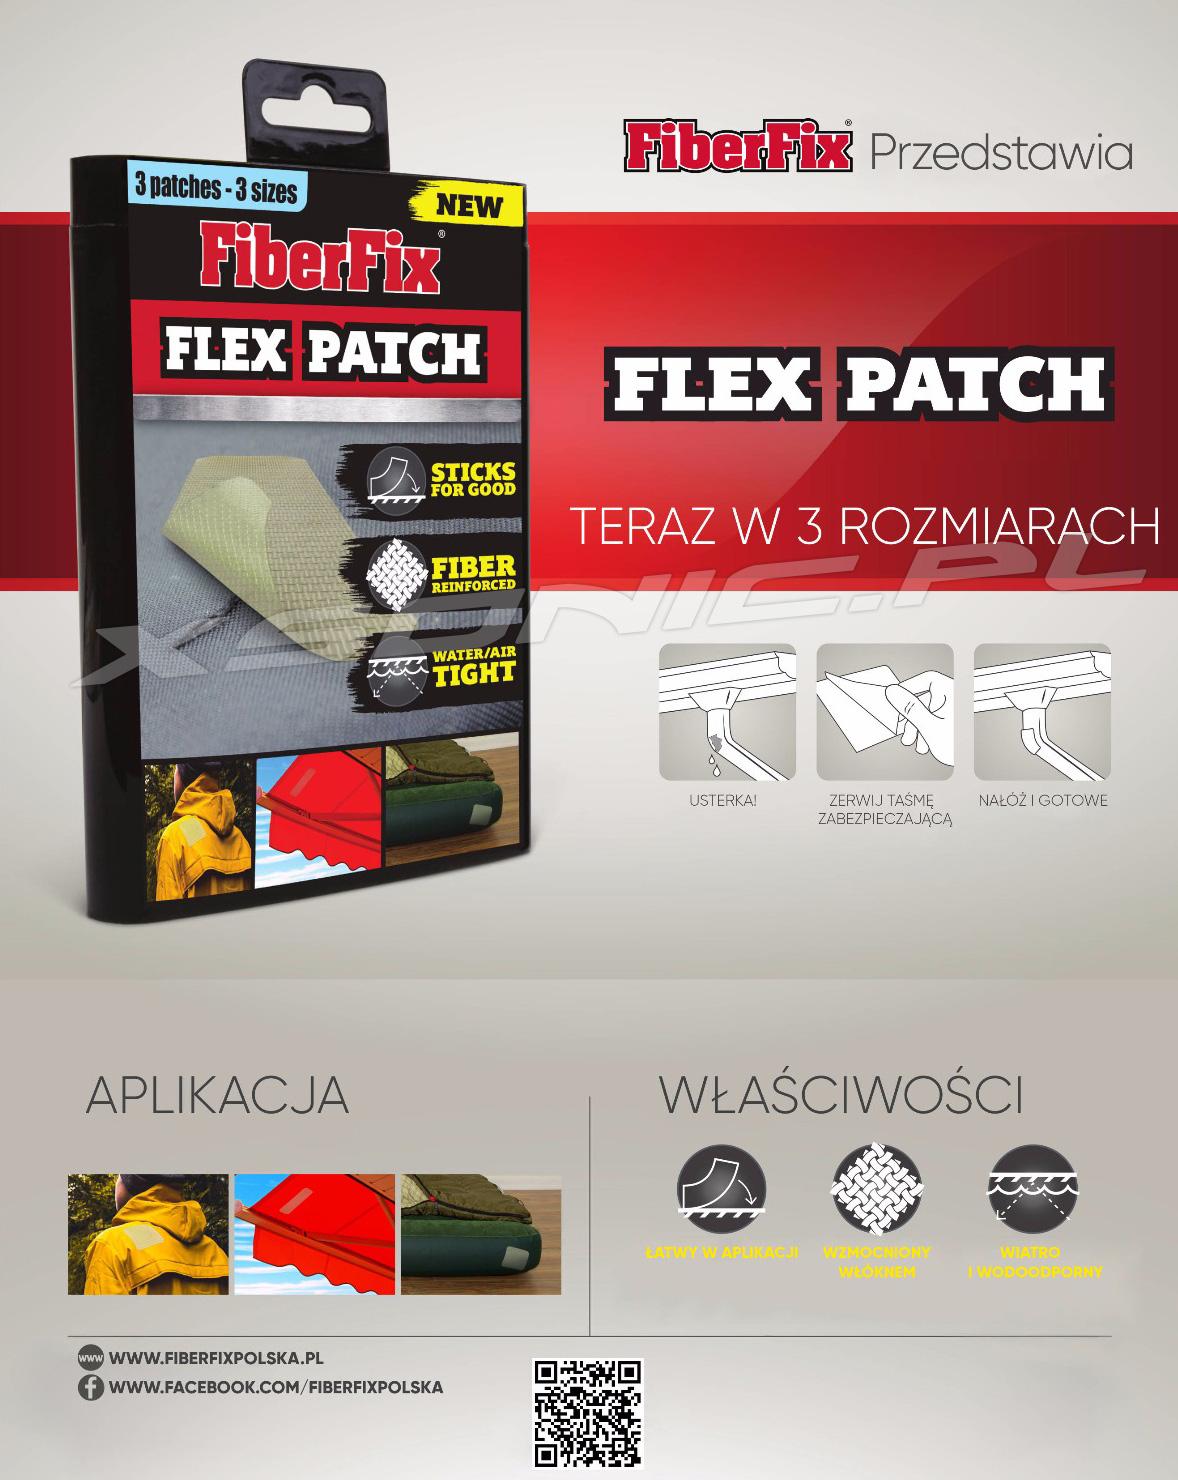 FLEX PATCH - WODOODPORNE I ELASTYCZNE ŁATY NAPRAWCZE